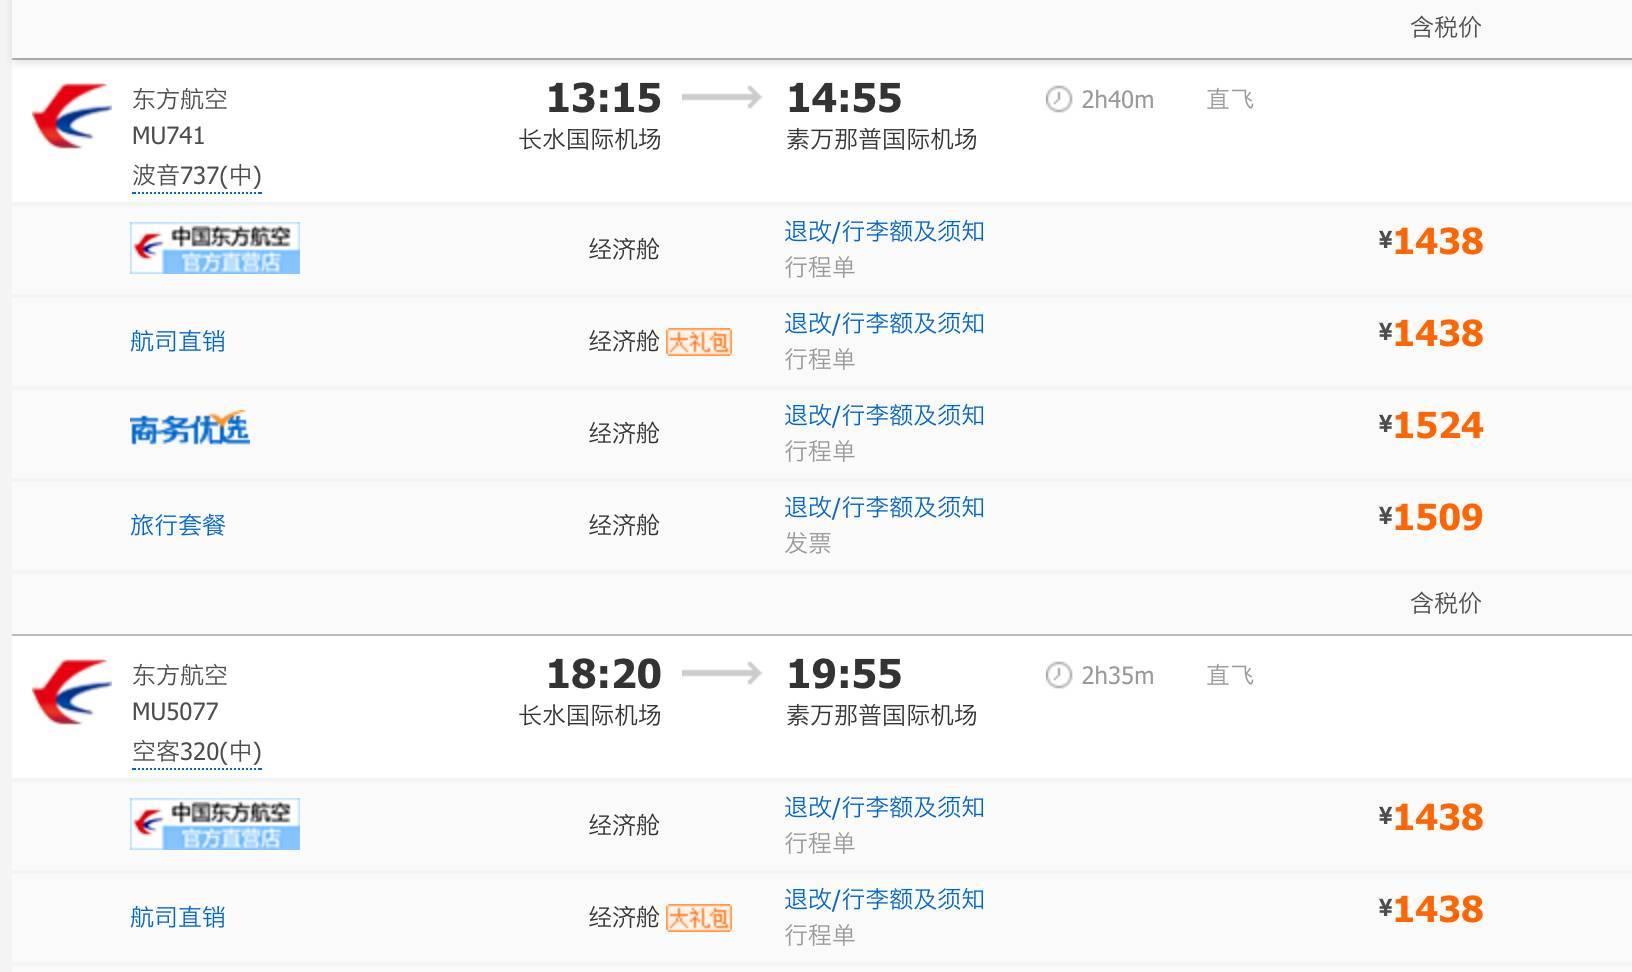 12月底动工!广东以后可以坐高铁到泰国了,票价比坐飞机便宜一半!